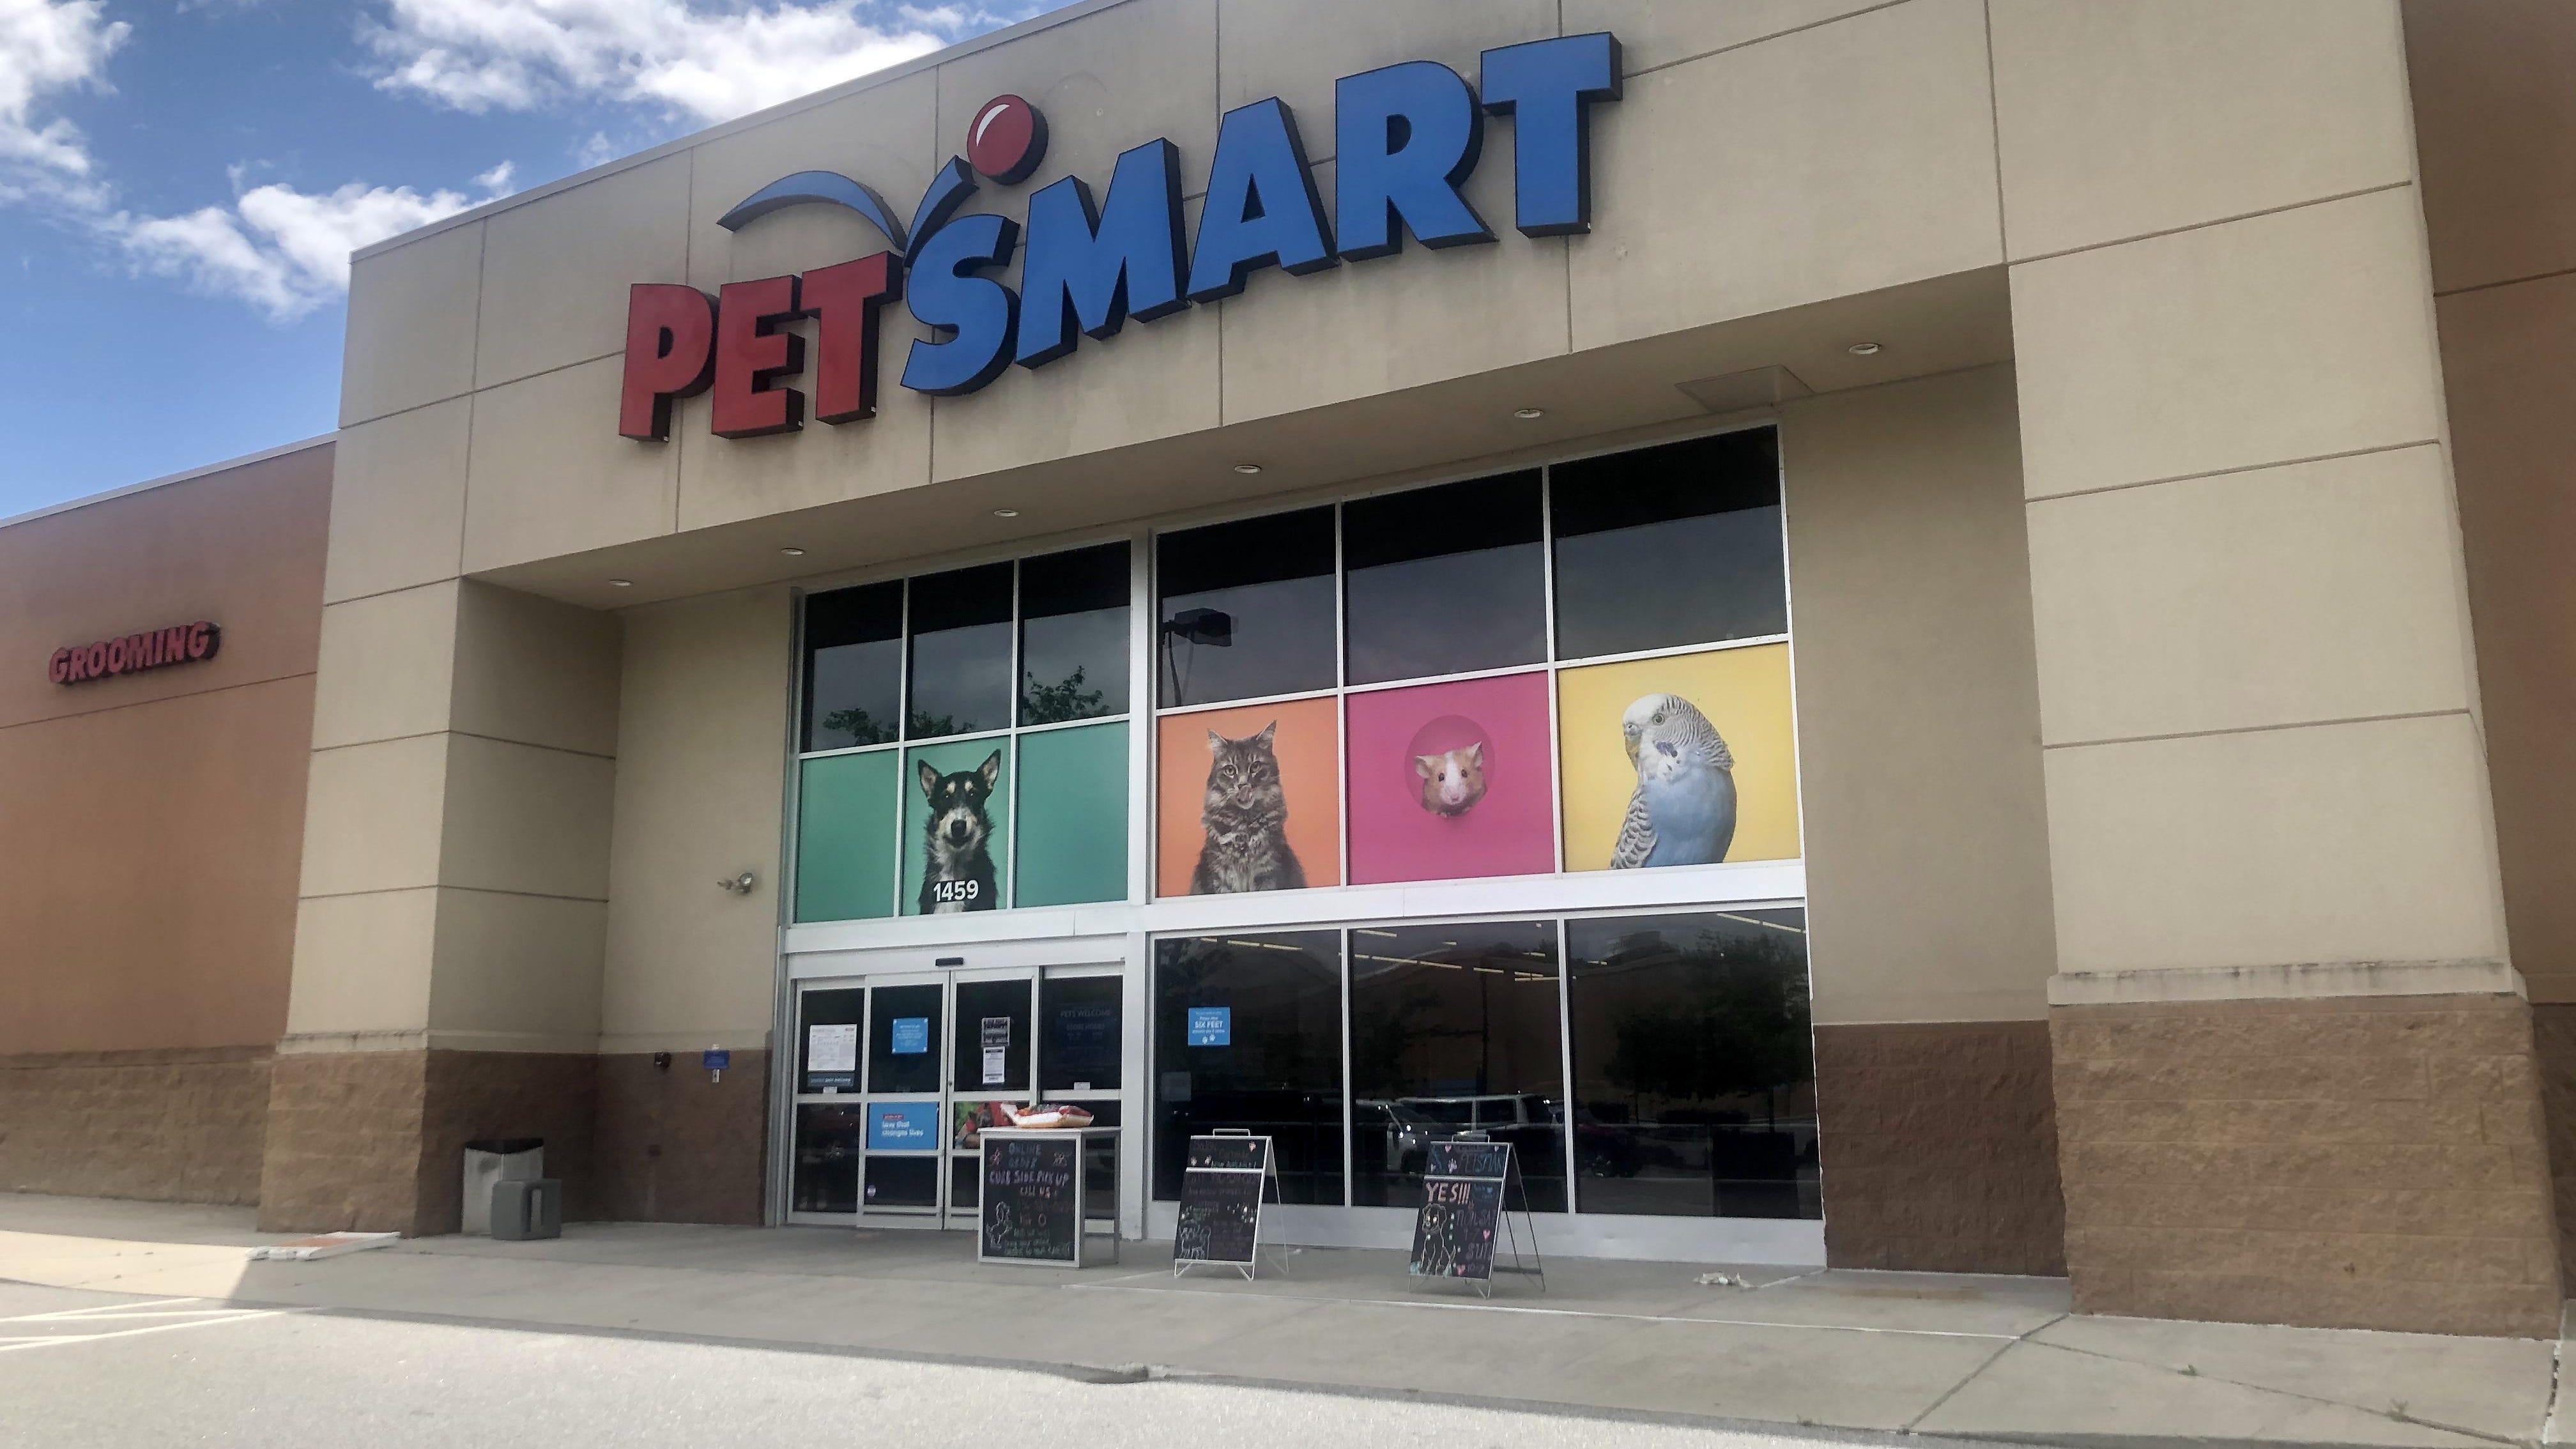 Mask and social distancing check at PetSmart